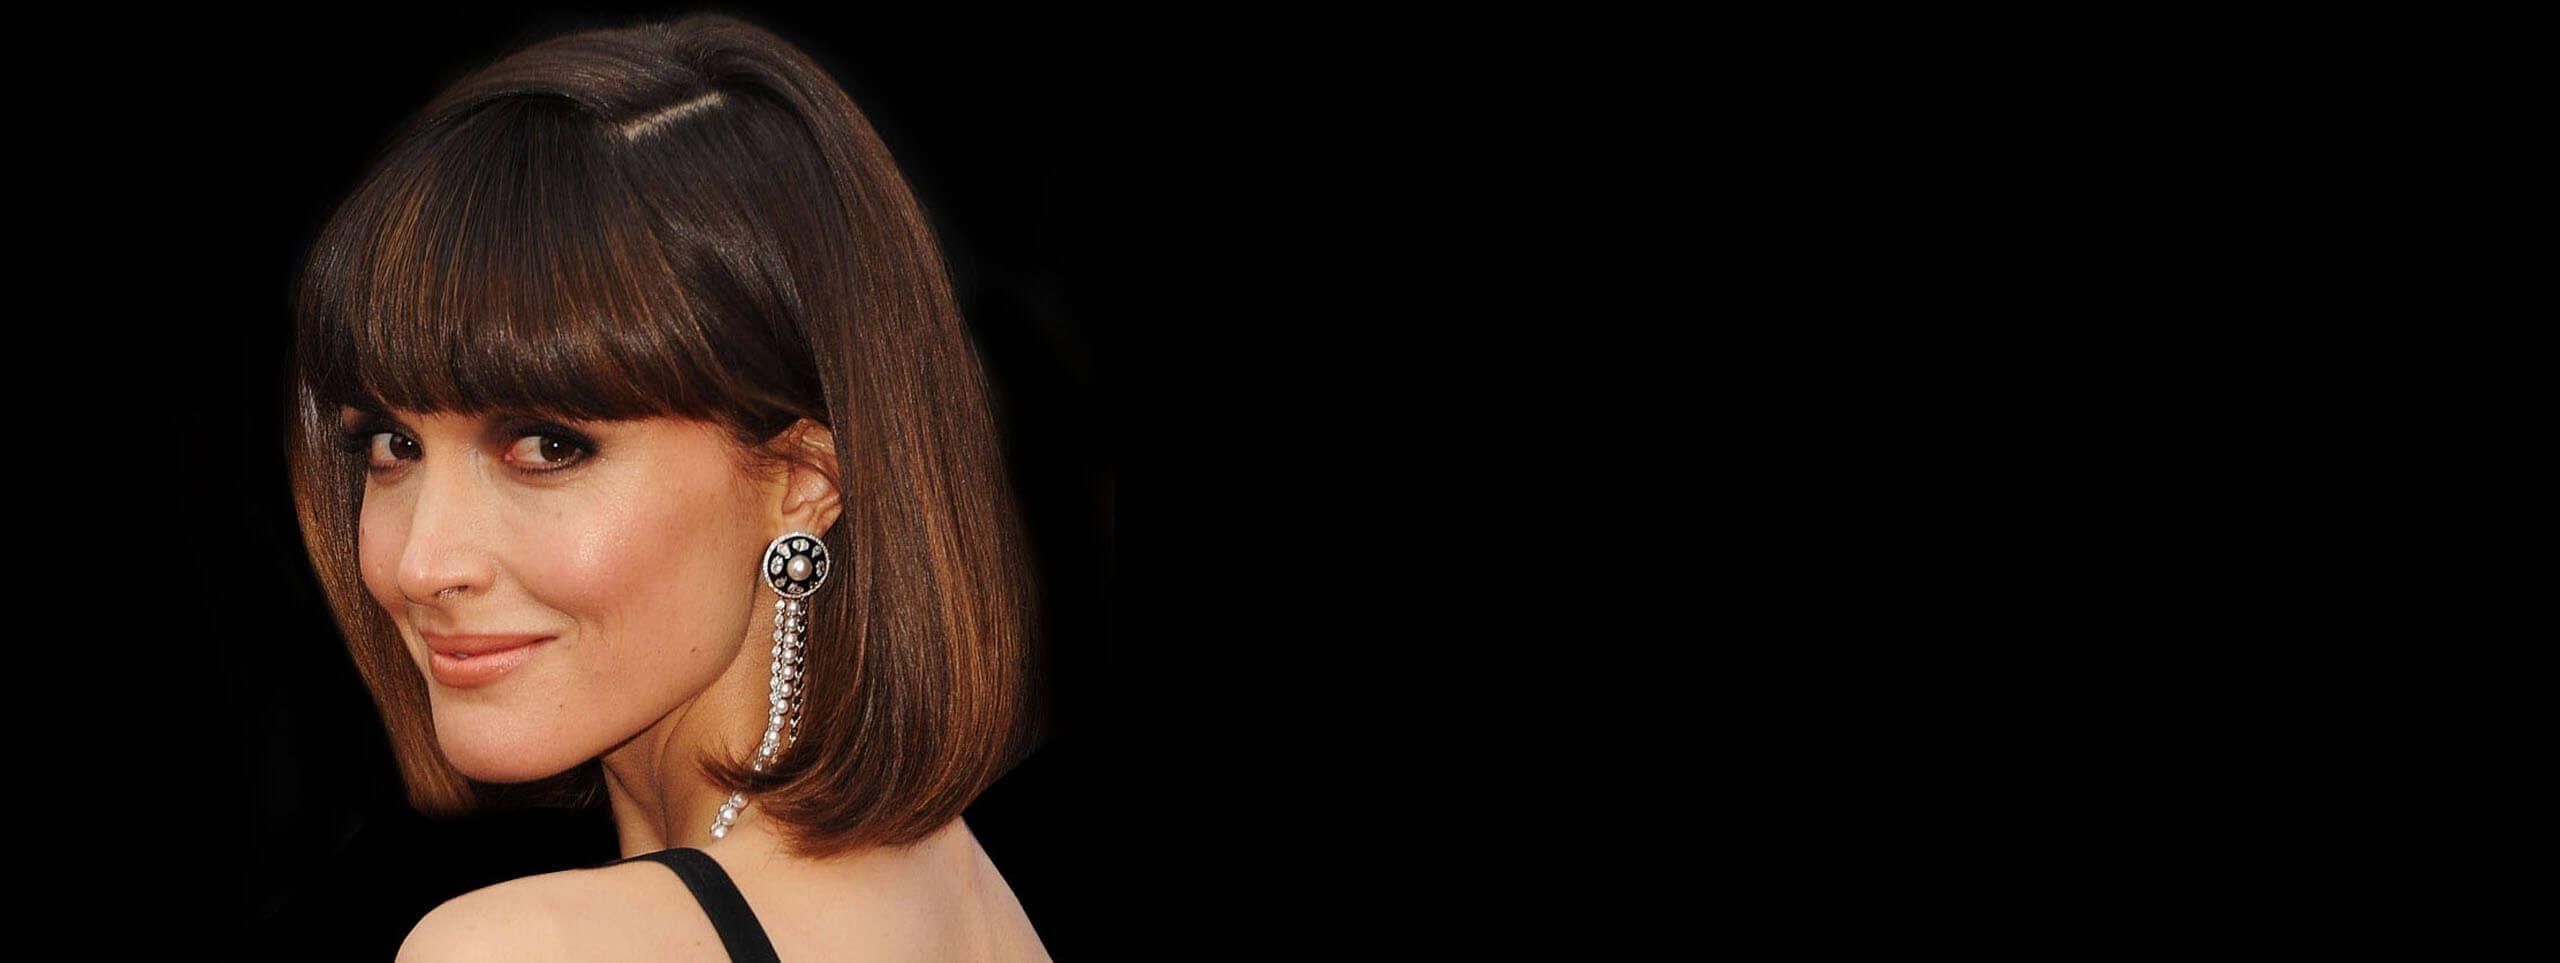 Rose Byrne z gładkim bobem z brązowych włosów